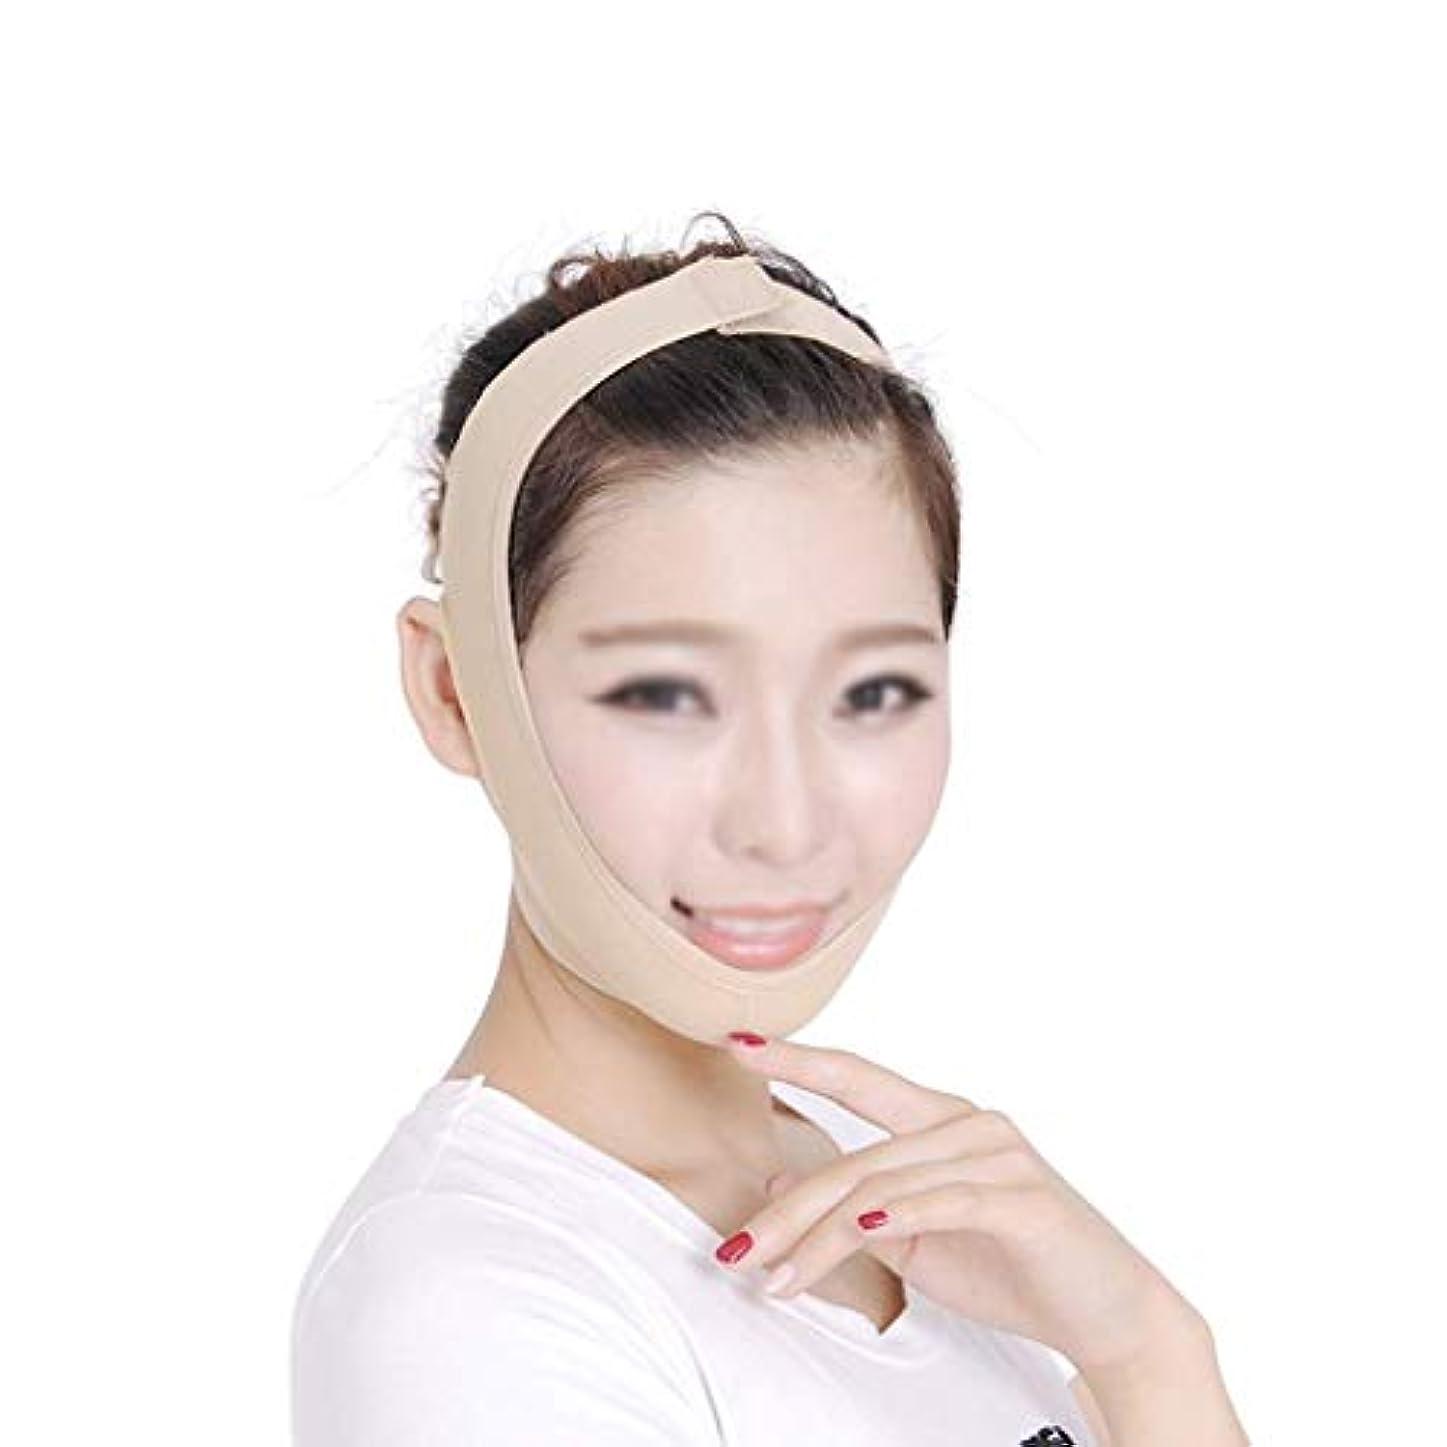 インチ蒸発するスキャンダラスフェイシャル減量マスクリフティングフェイス、フェイスマスク、減量包帯を除去するためのダブルチン、フェイシャルリフティング包帯、ダブルチンを減らすためのリフティングベルト(カラー:ブラック、サイズ:M),イエローピンク、S